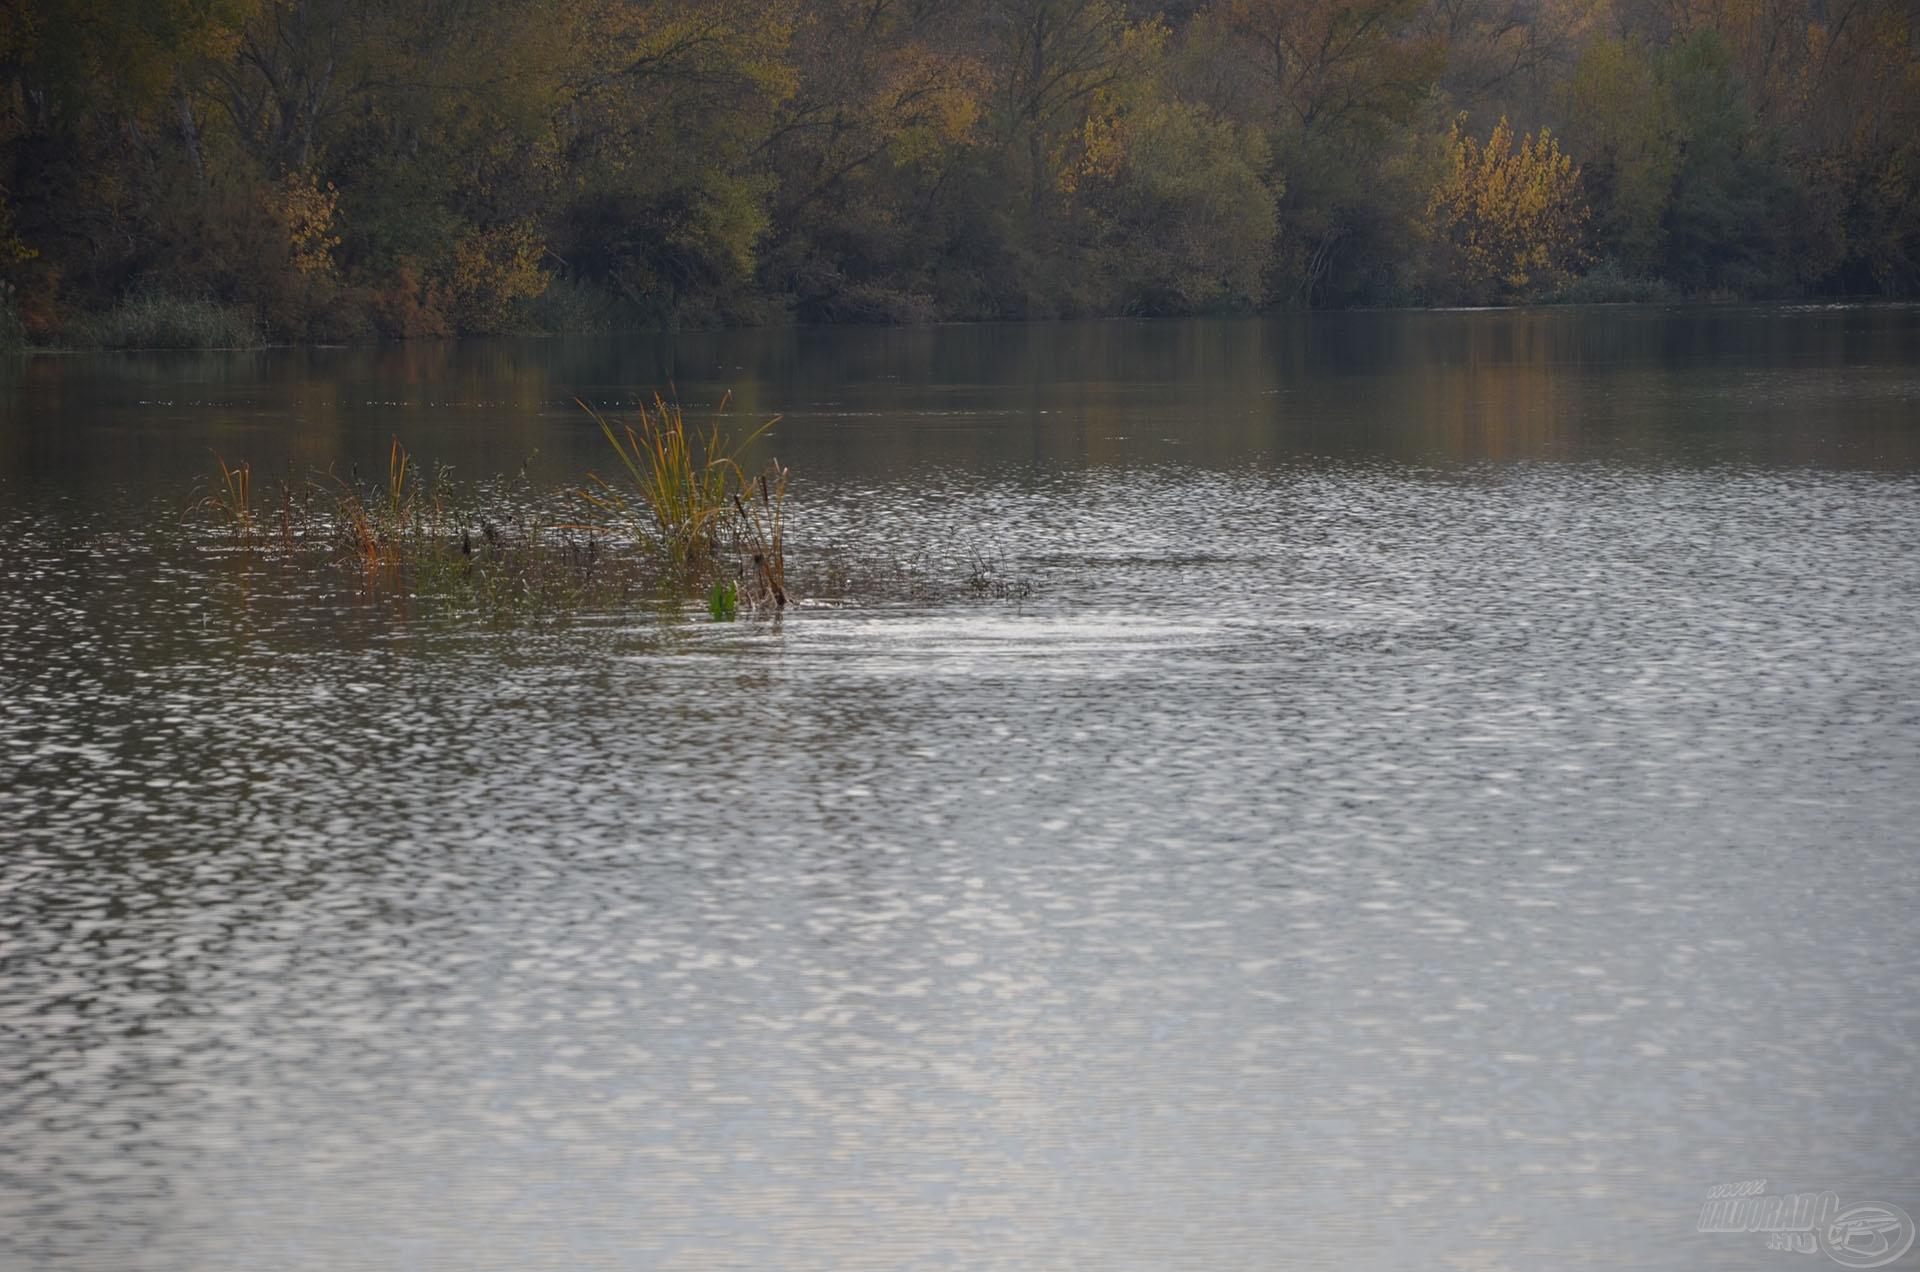 A víz elkezdett áradni, amely varázsütésszerű változást eredményezett. A halak egy része a parti sekély vízbe úszott, a mélyebb területen tartózkodók pedig aktív táplálkozásba kezdtek